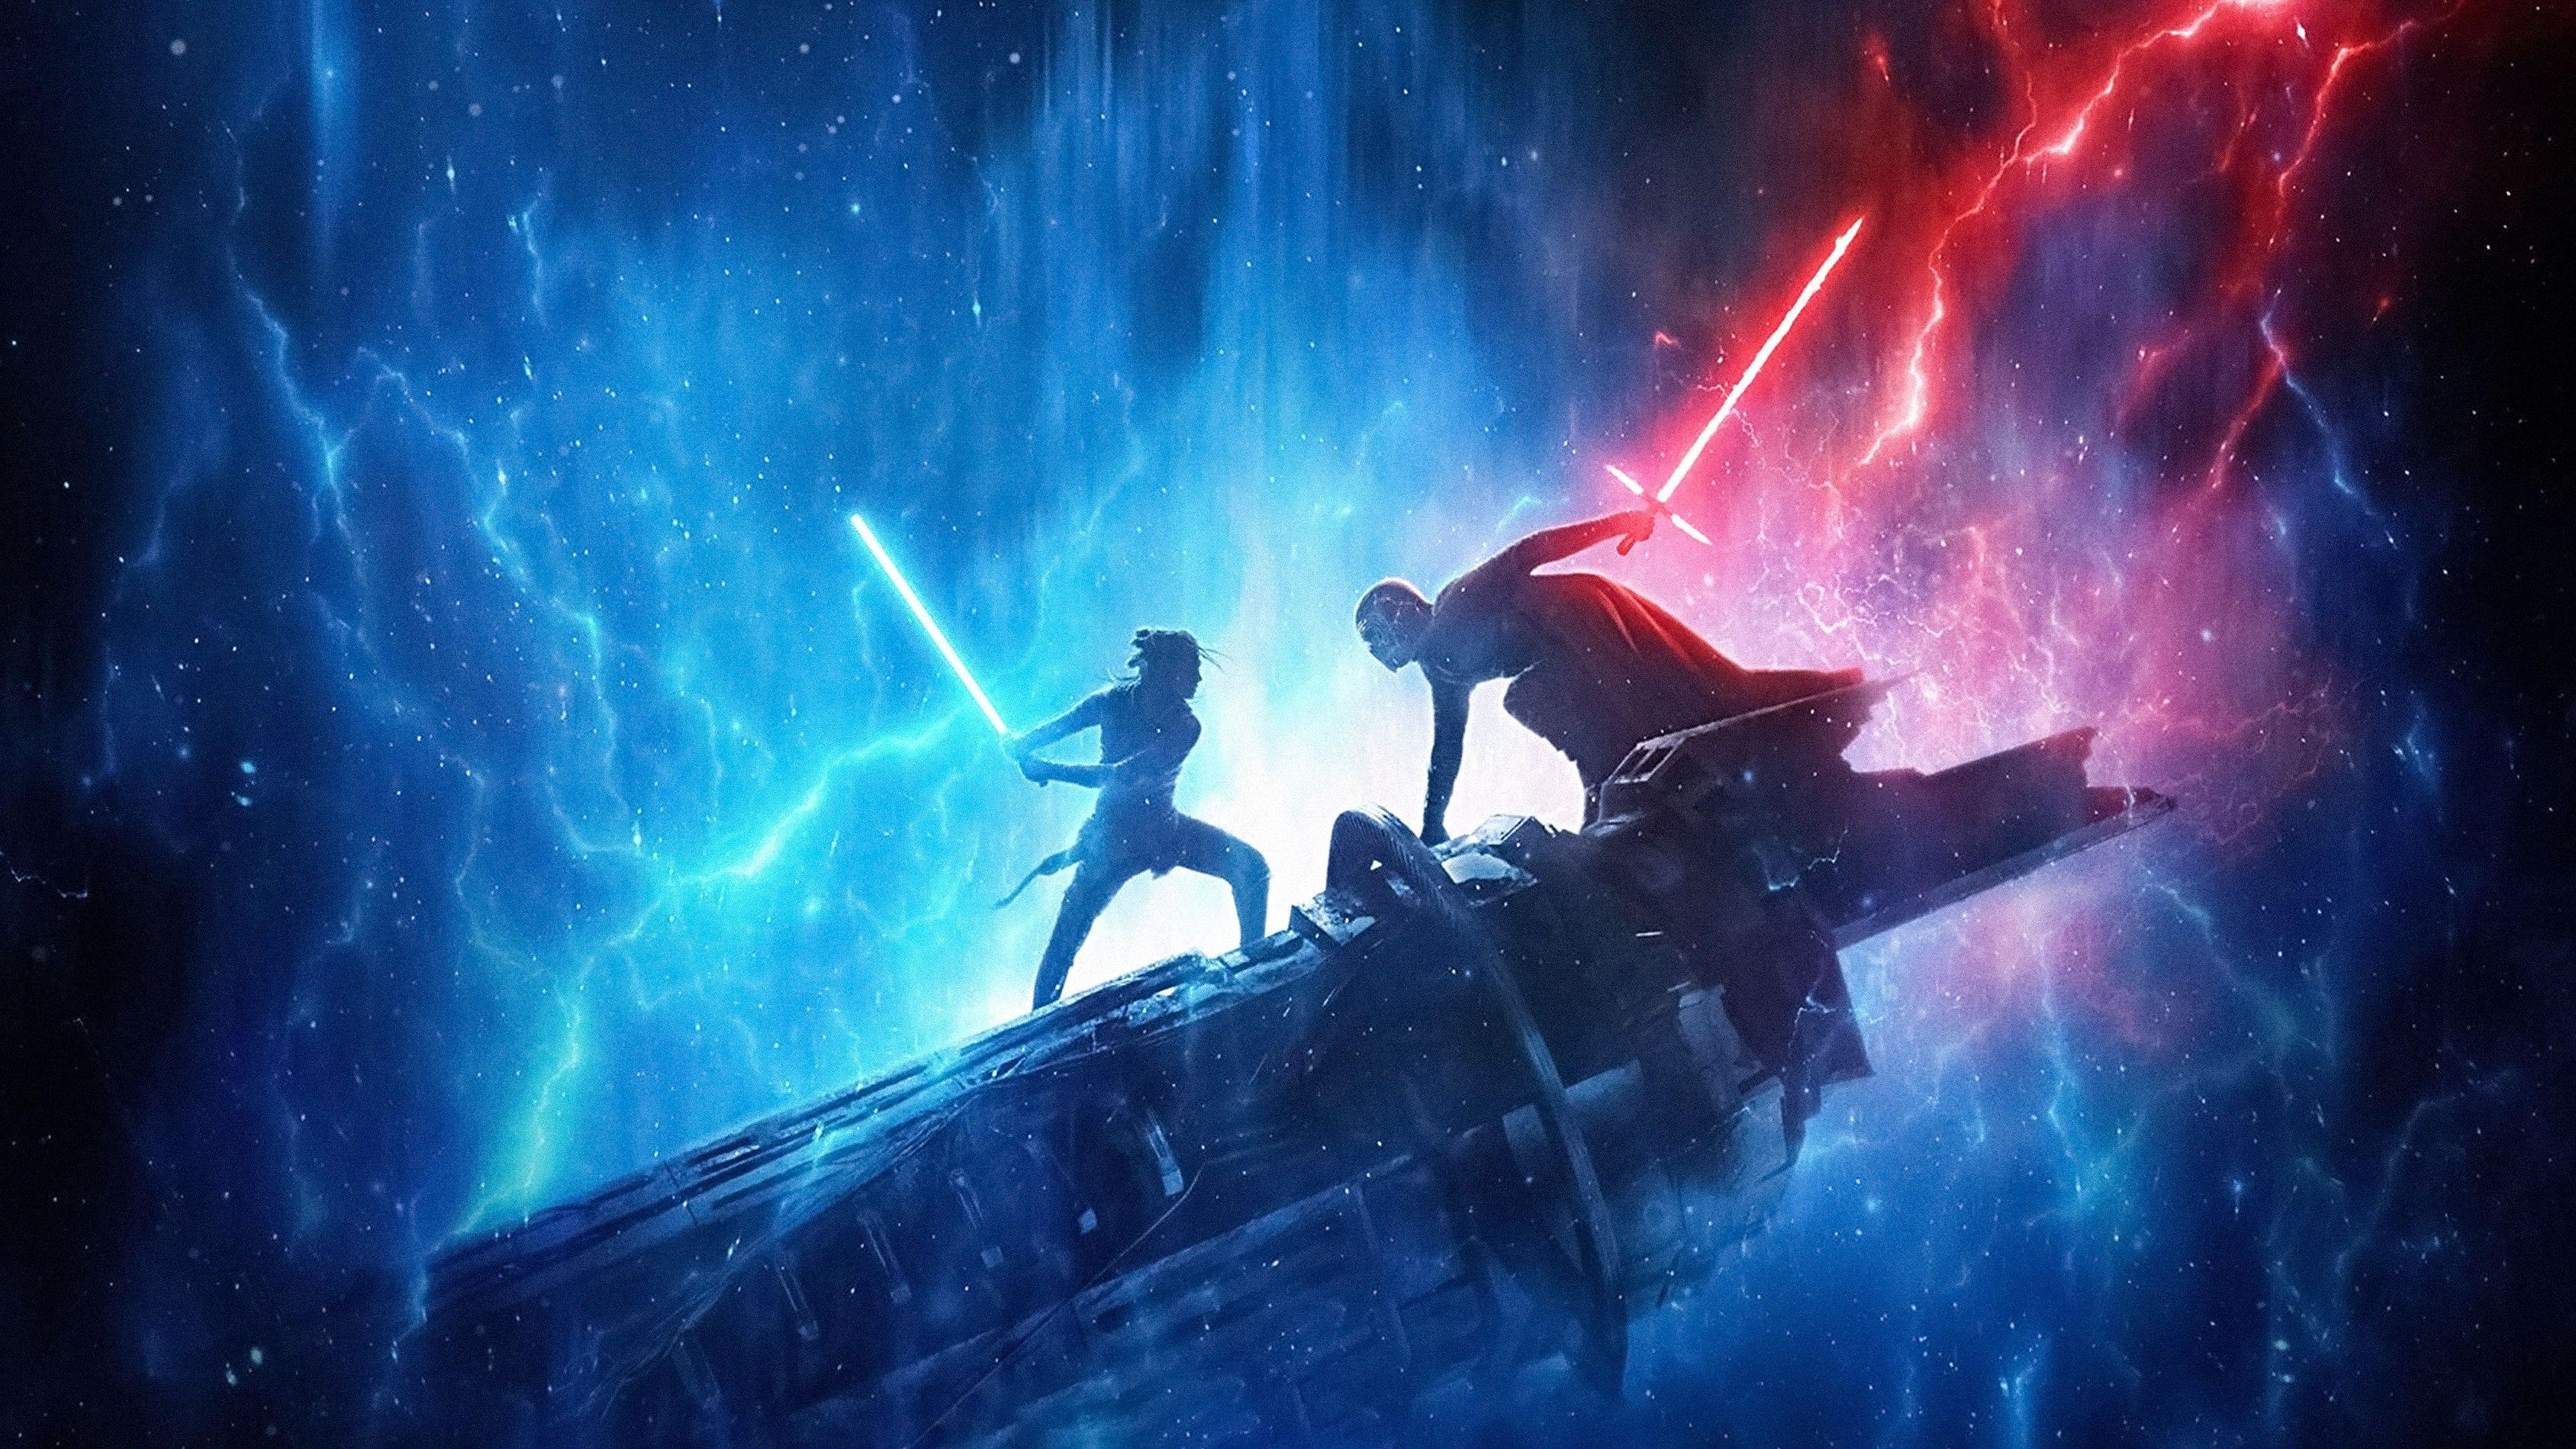 Wallpaper 4k Pc Star Wars Ideas 4k In 2020 Star Wars Wallpaper Star Wars Movie Star Wars Kylo Ren